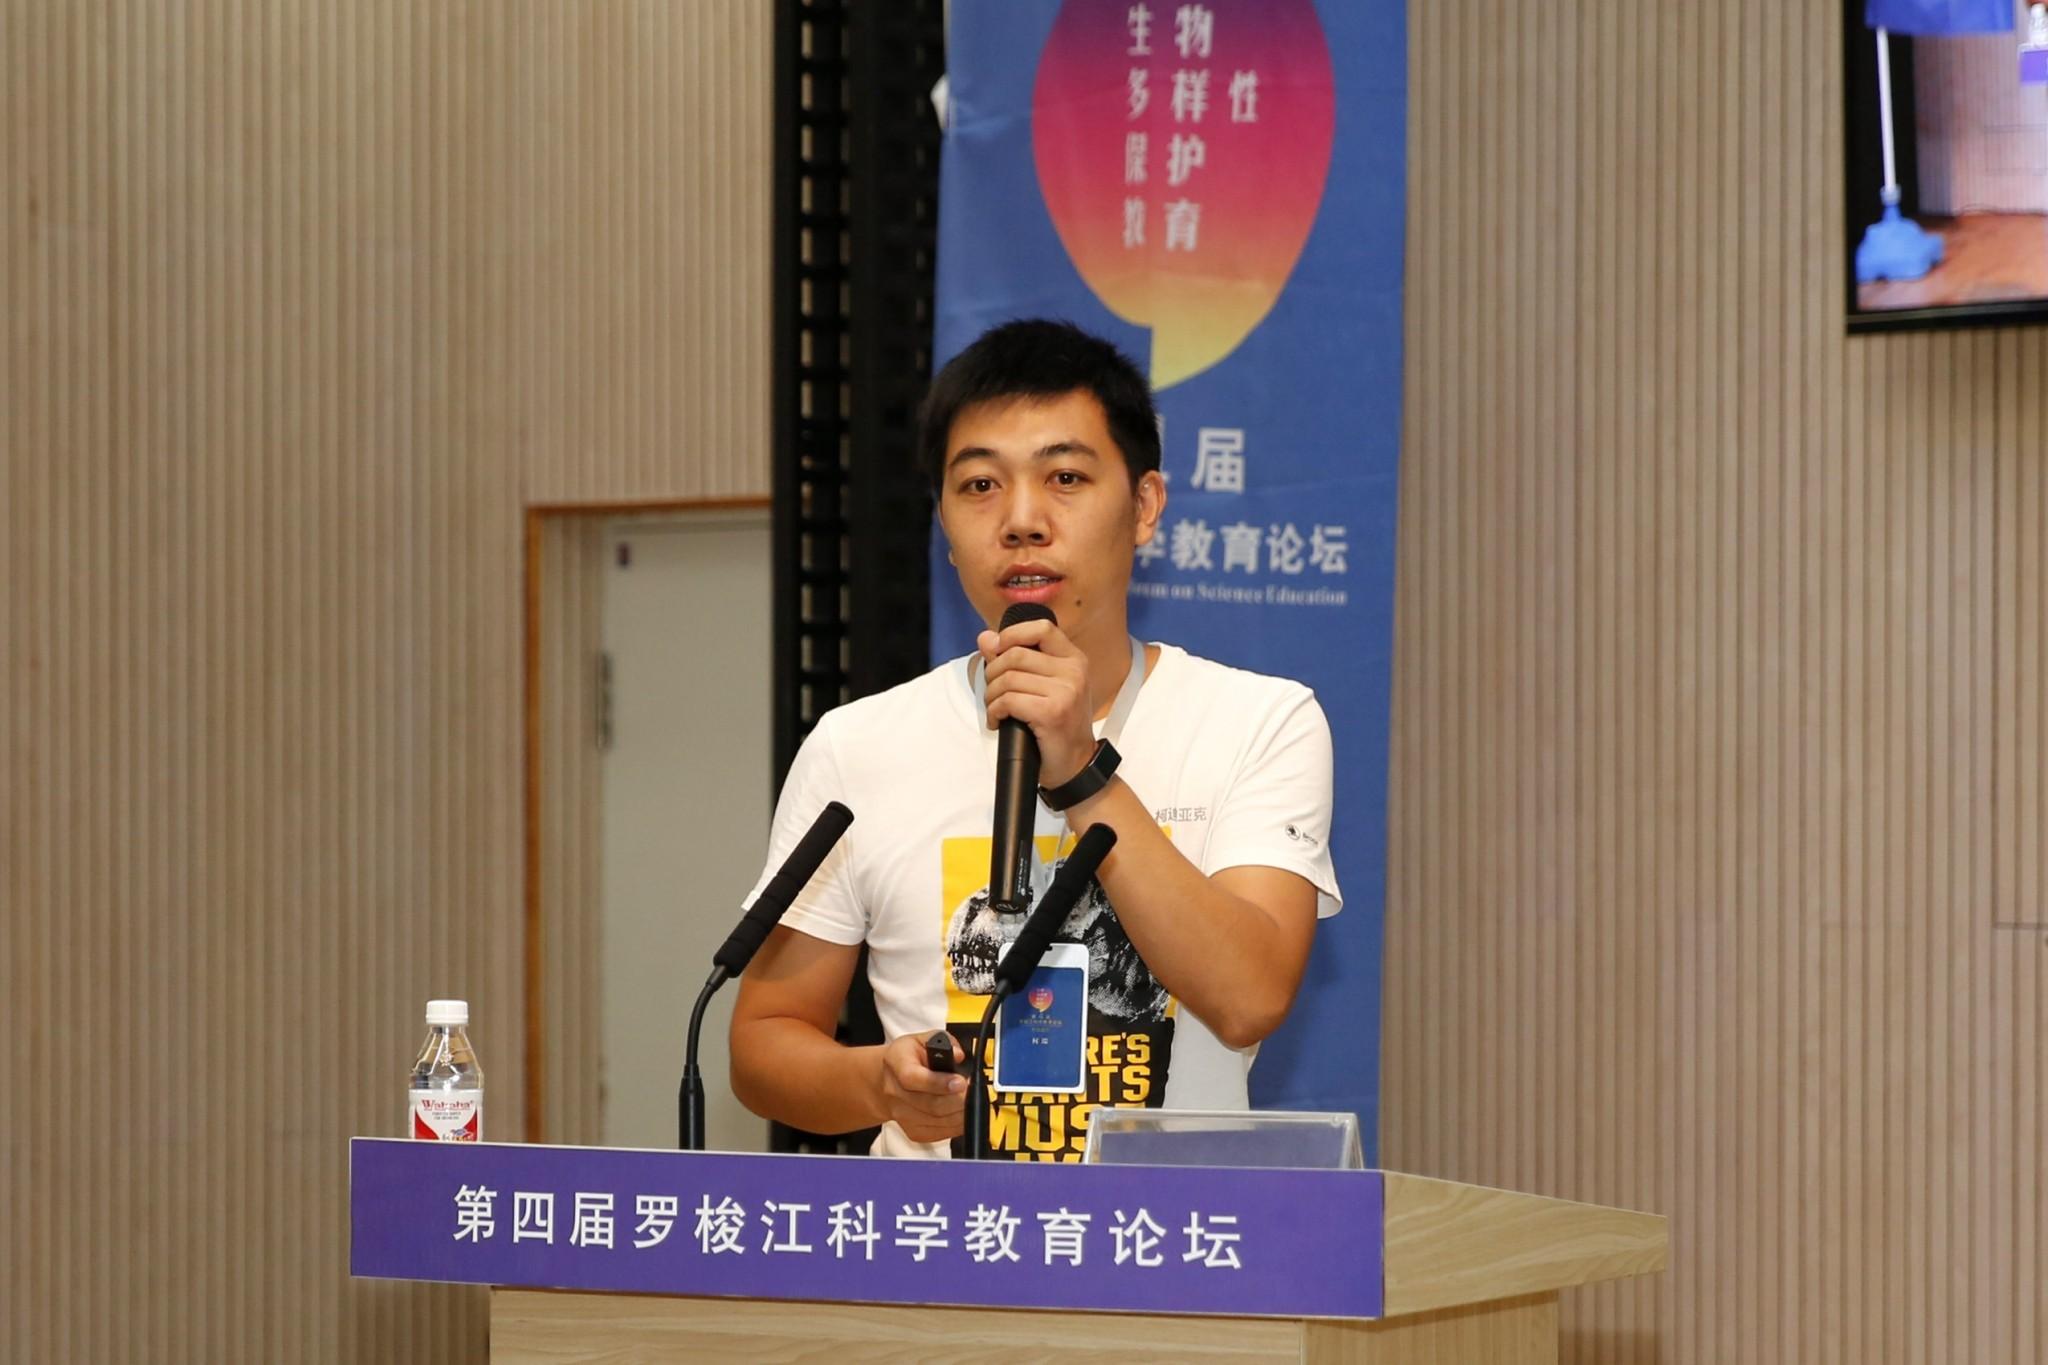 【案例分享】武汉市乐跋教育科技有限公司  何瑞:自然笔记的起源、发展与规范